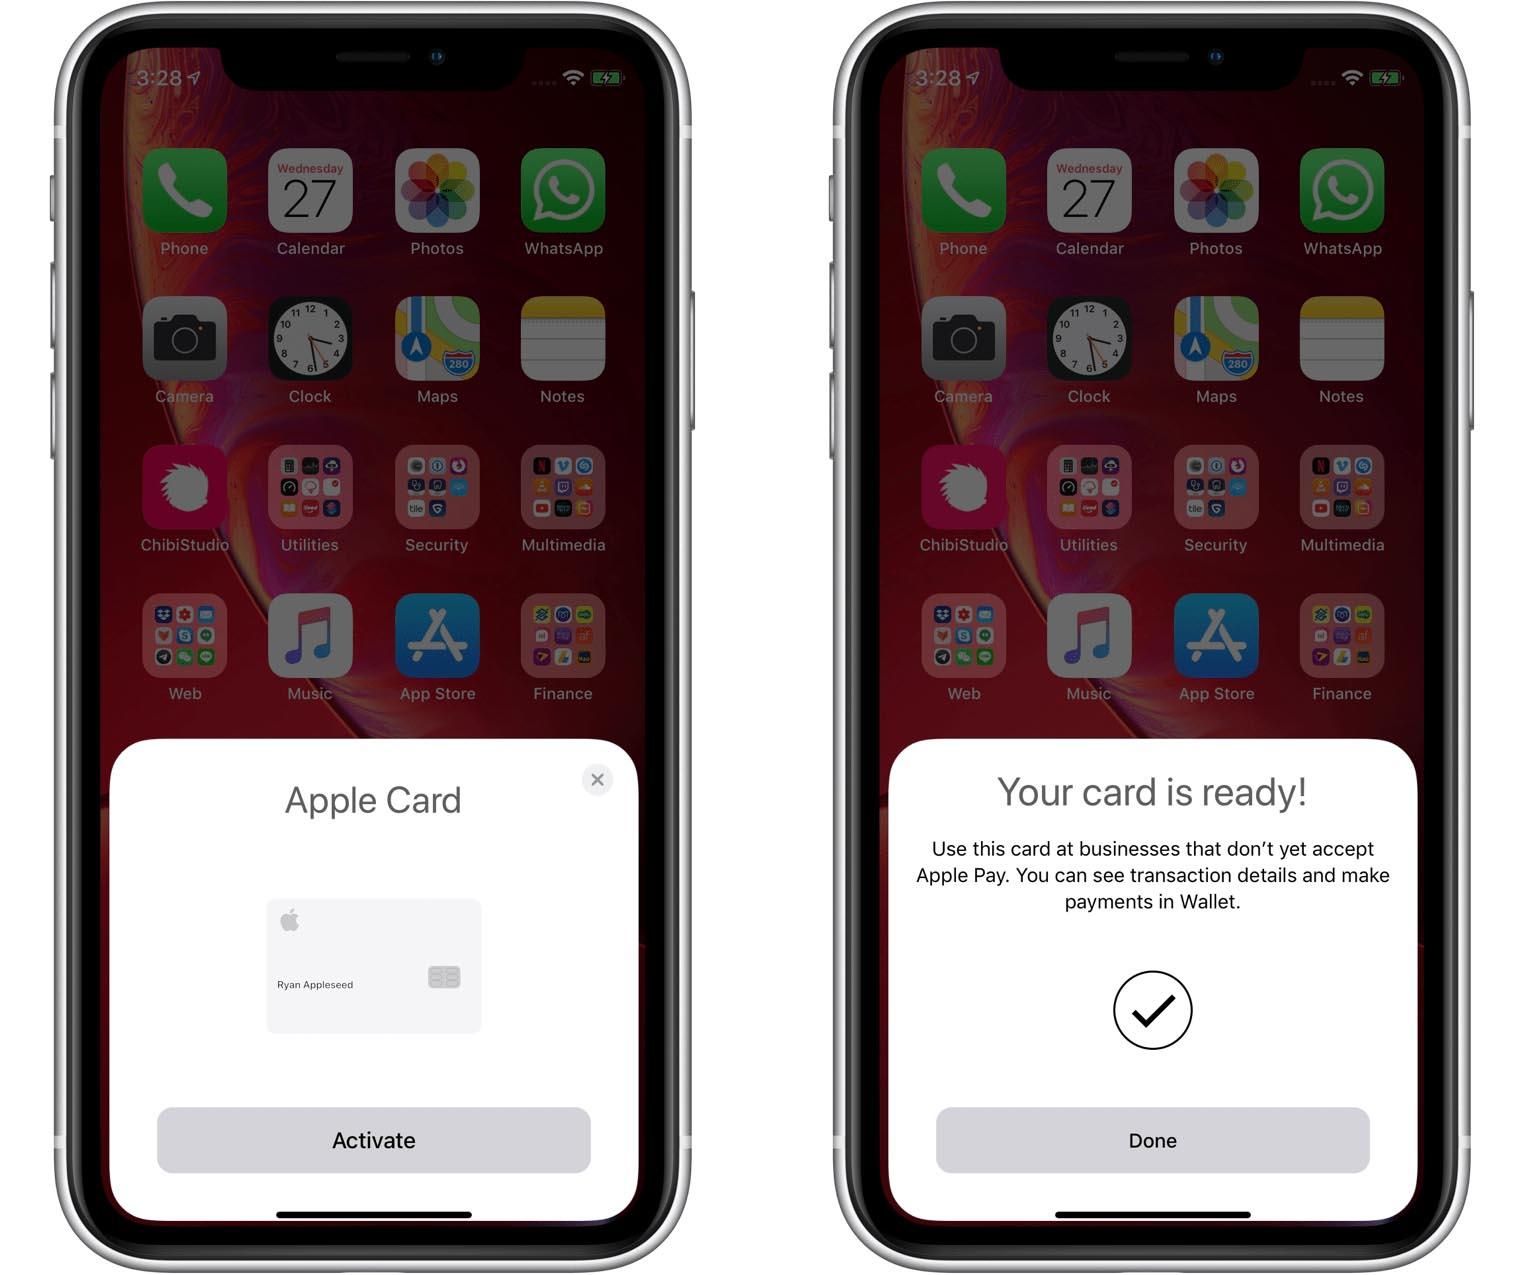 Apple Card iOS 12.3